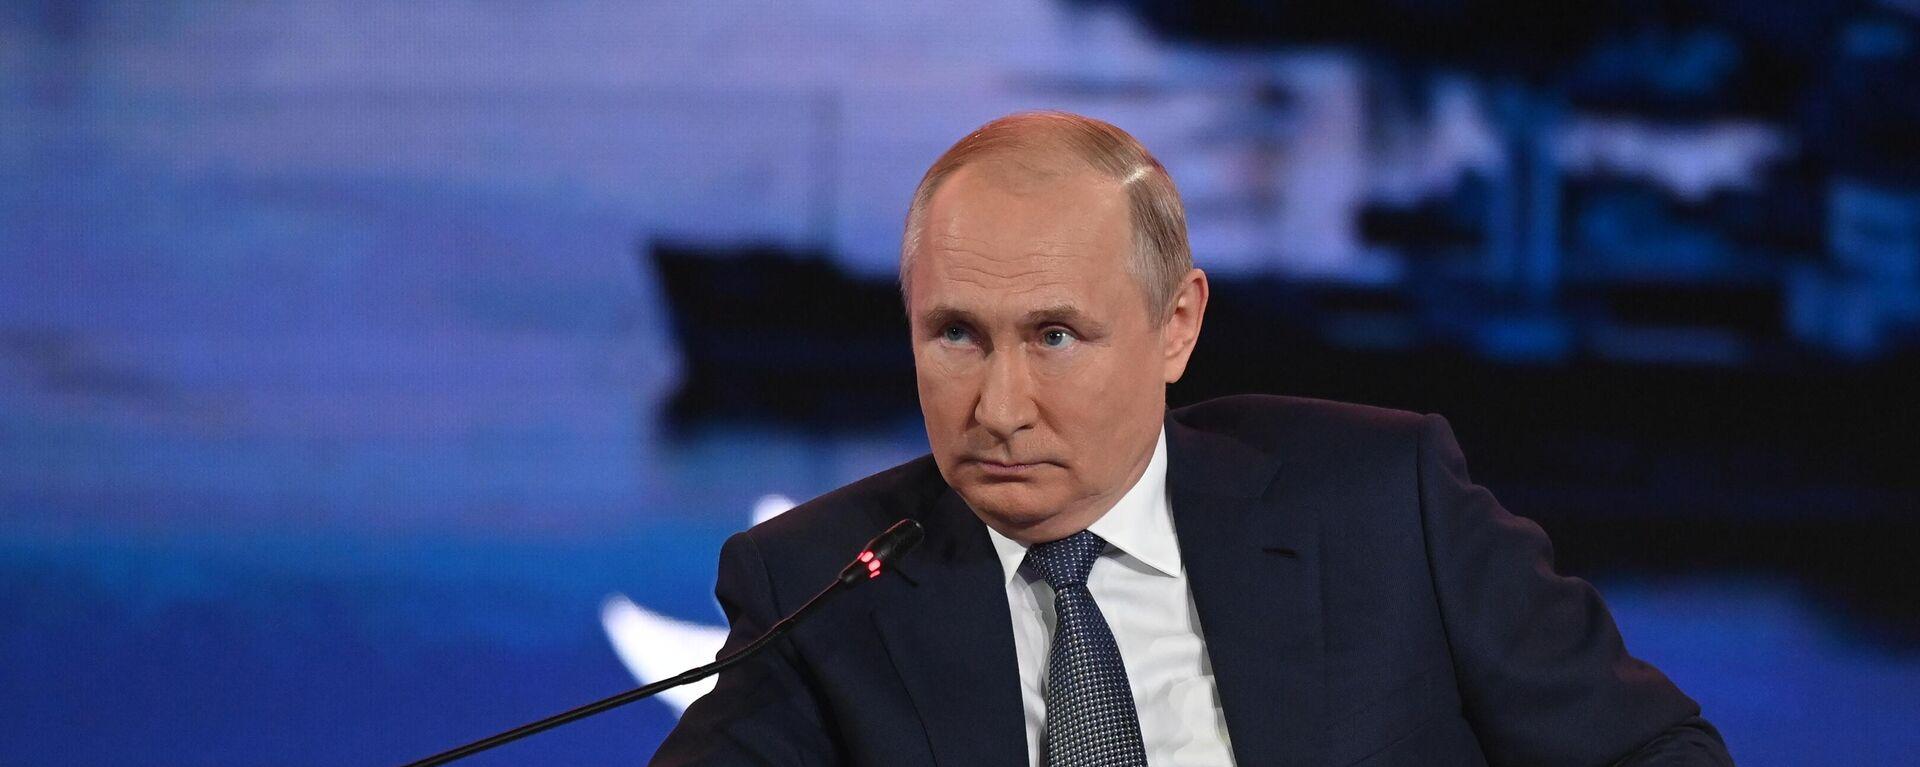 Председник Русије Владимир Путин - Sputnik Србија, 1920, 03.09.2021